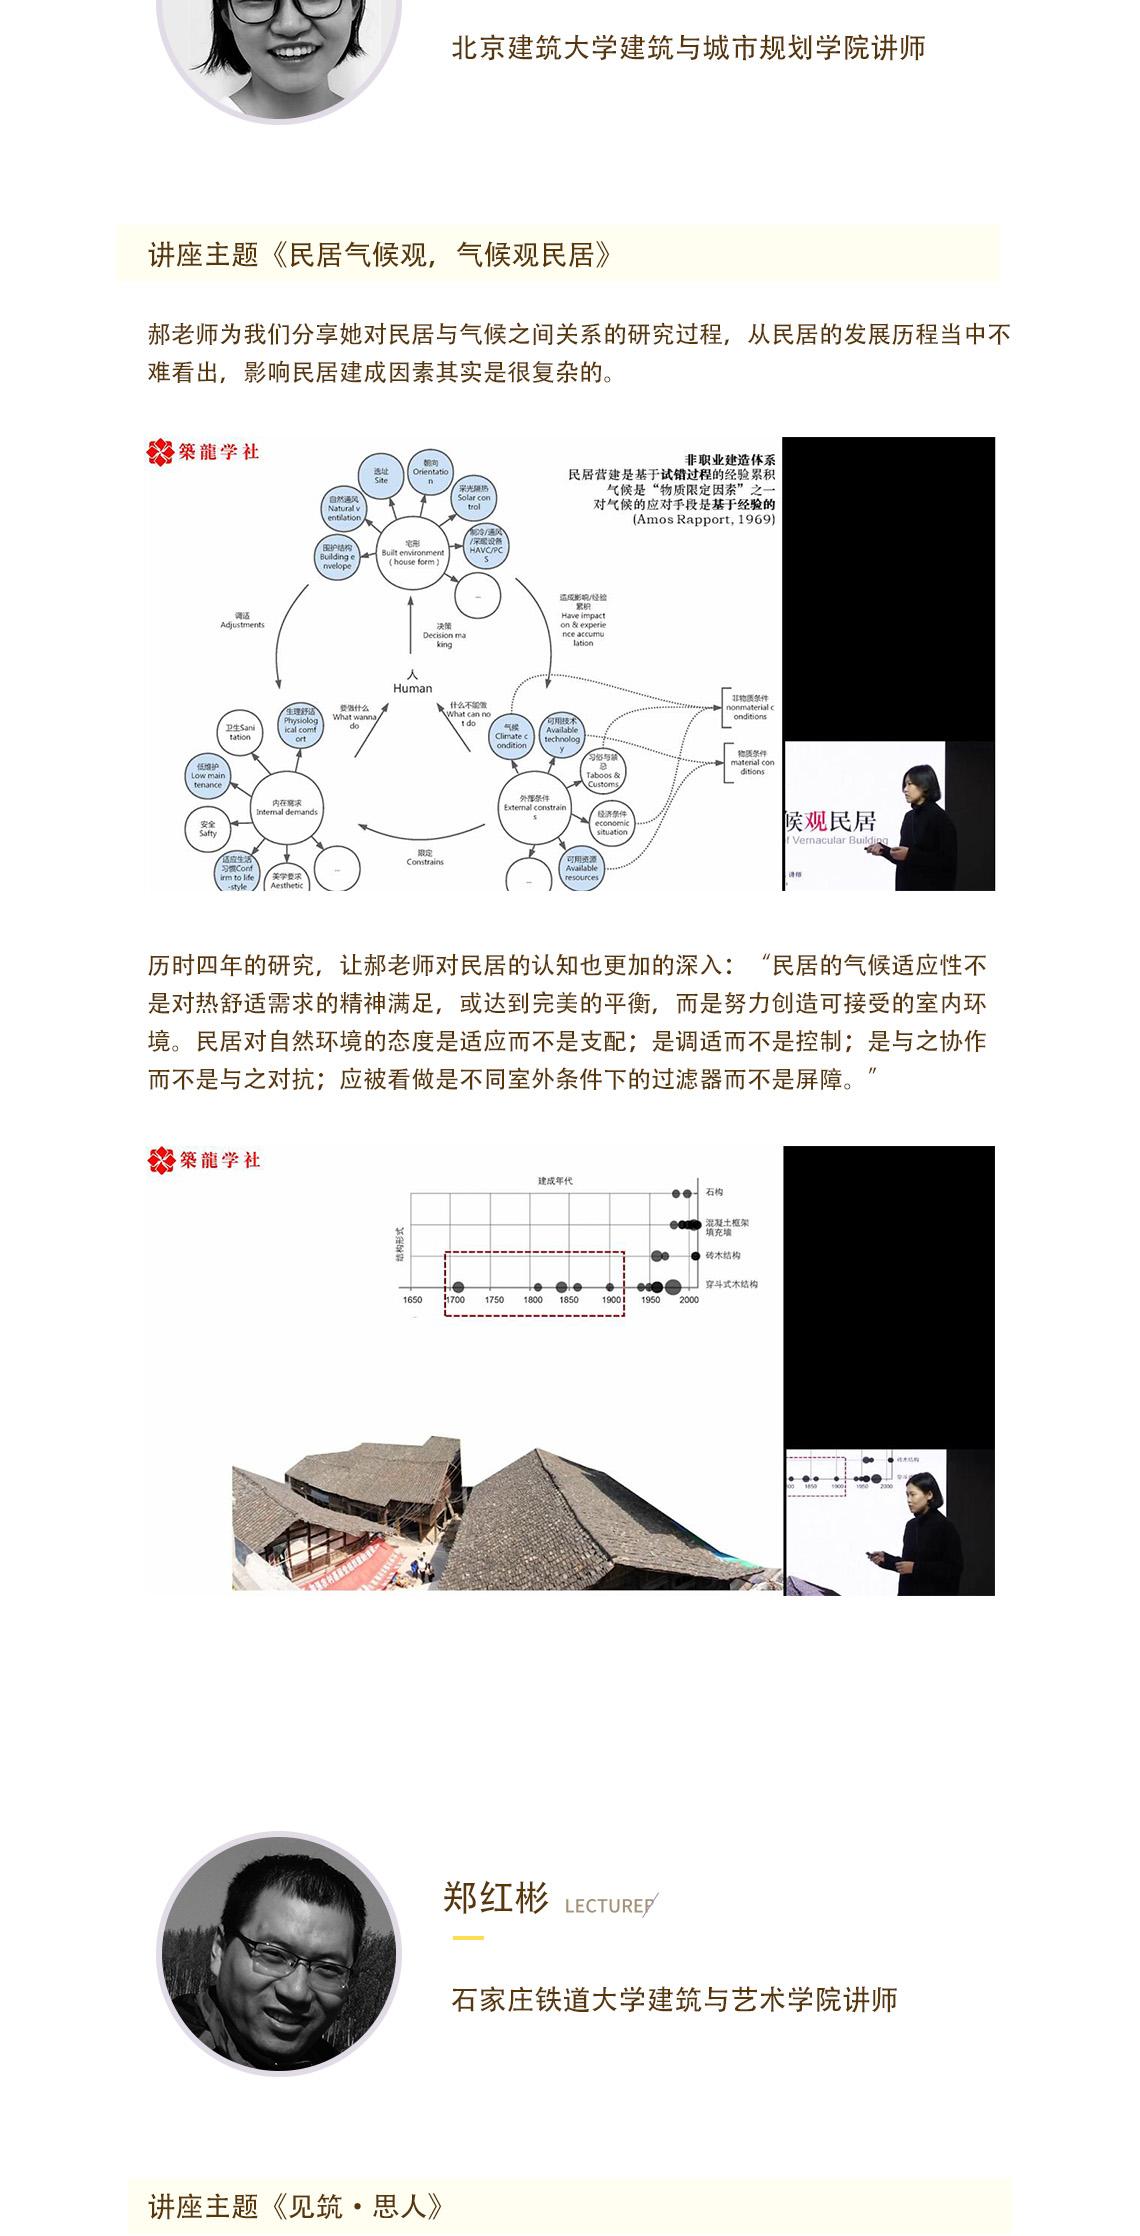 建筑的全球化进程